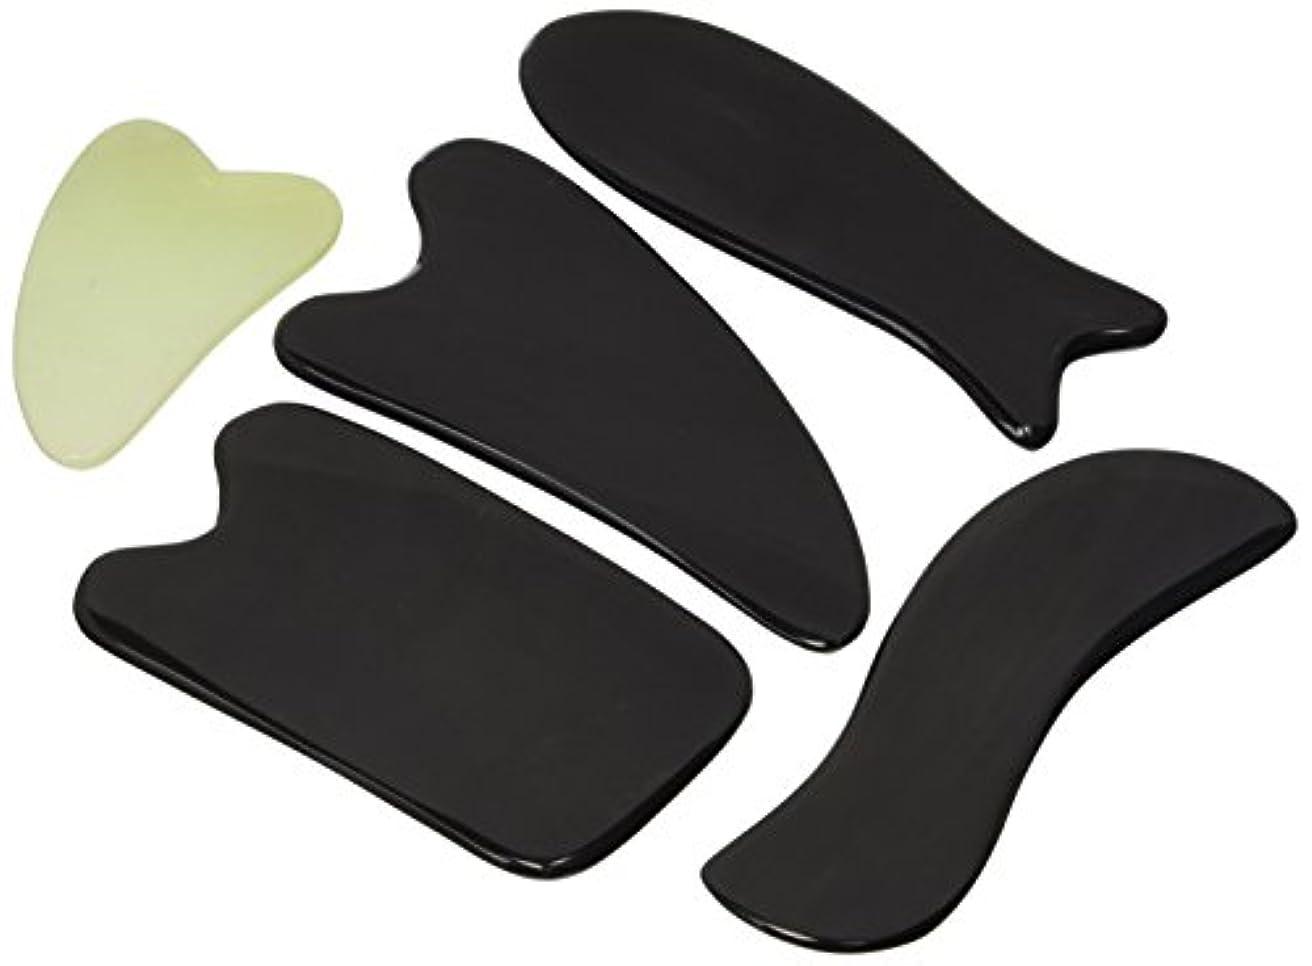 彼女は司令官不毛Gua Sha Massage Tools By One Planet With Small Massage Gift - Ultra Smooth Edge for Scraping, 100% Handmade, Hand...